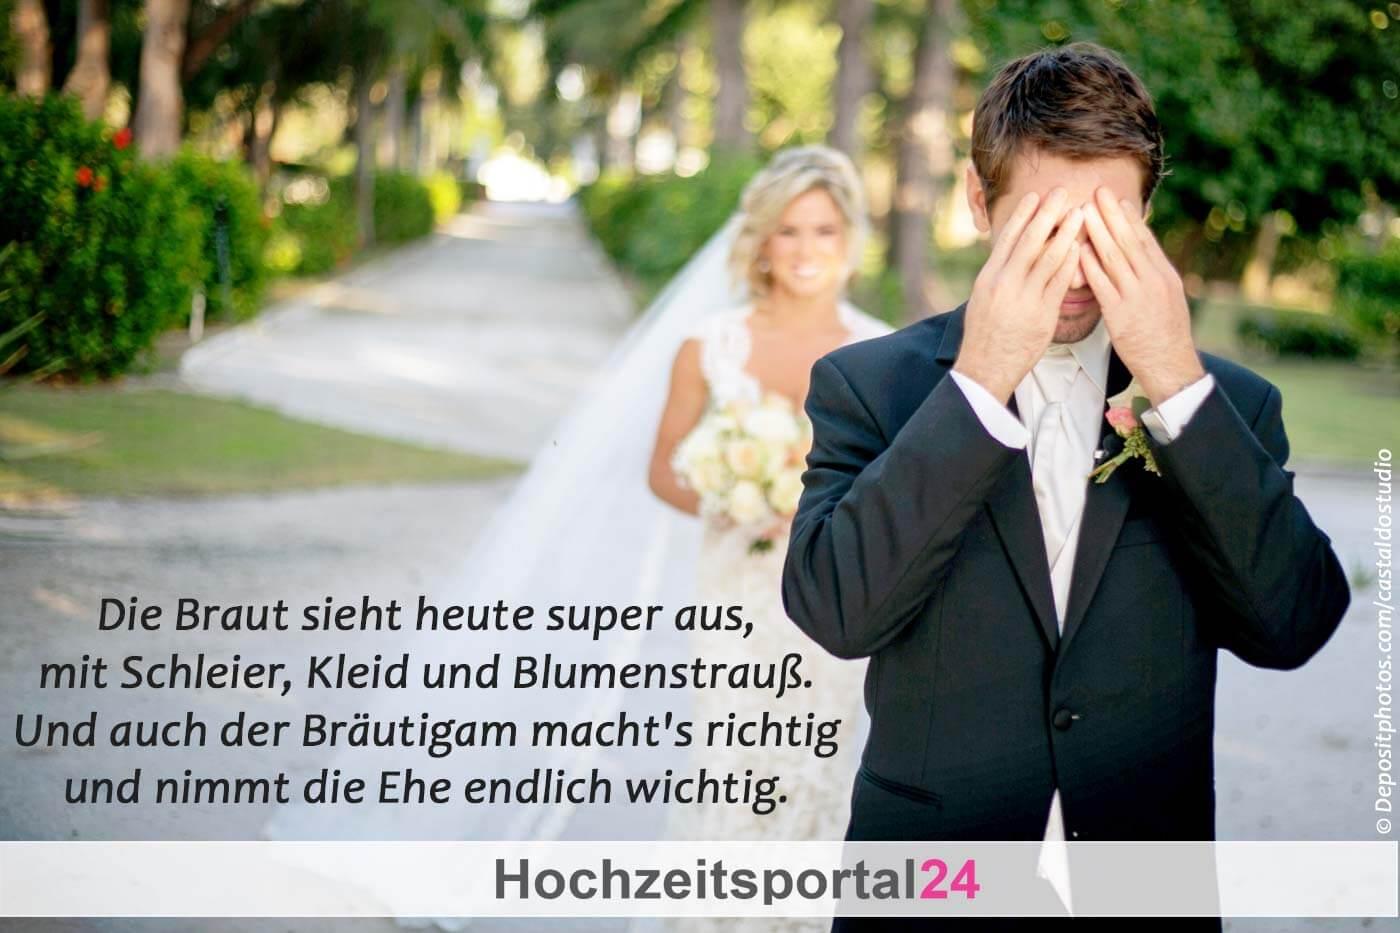 Verse zur Hochzeit - Schöne Beispiele für Gästebuch ...